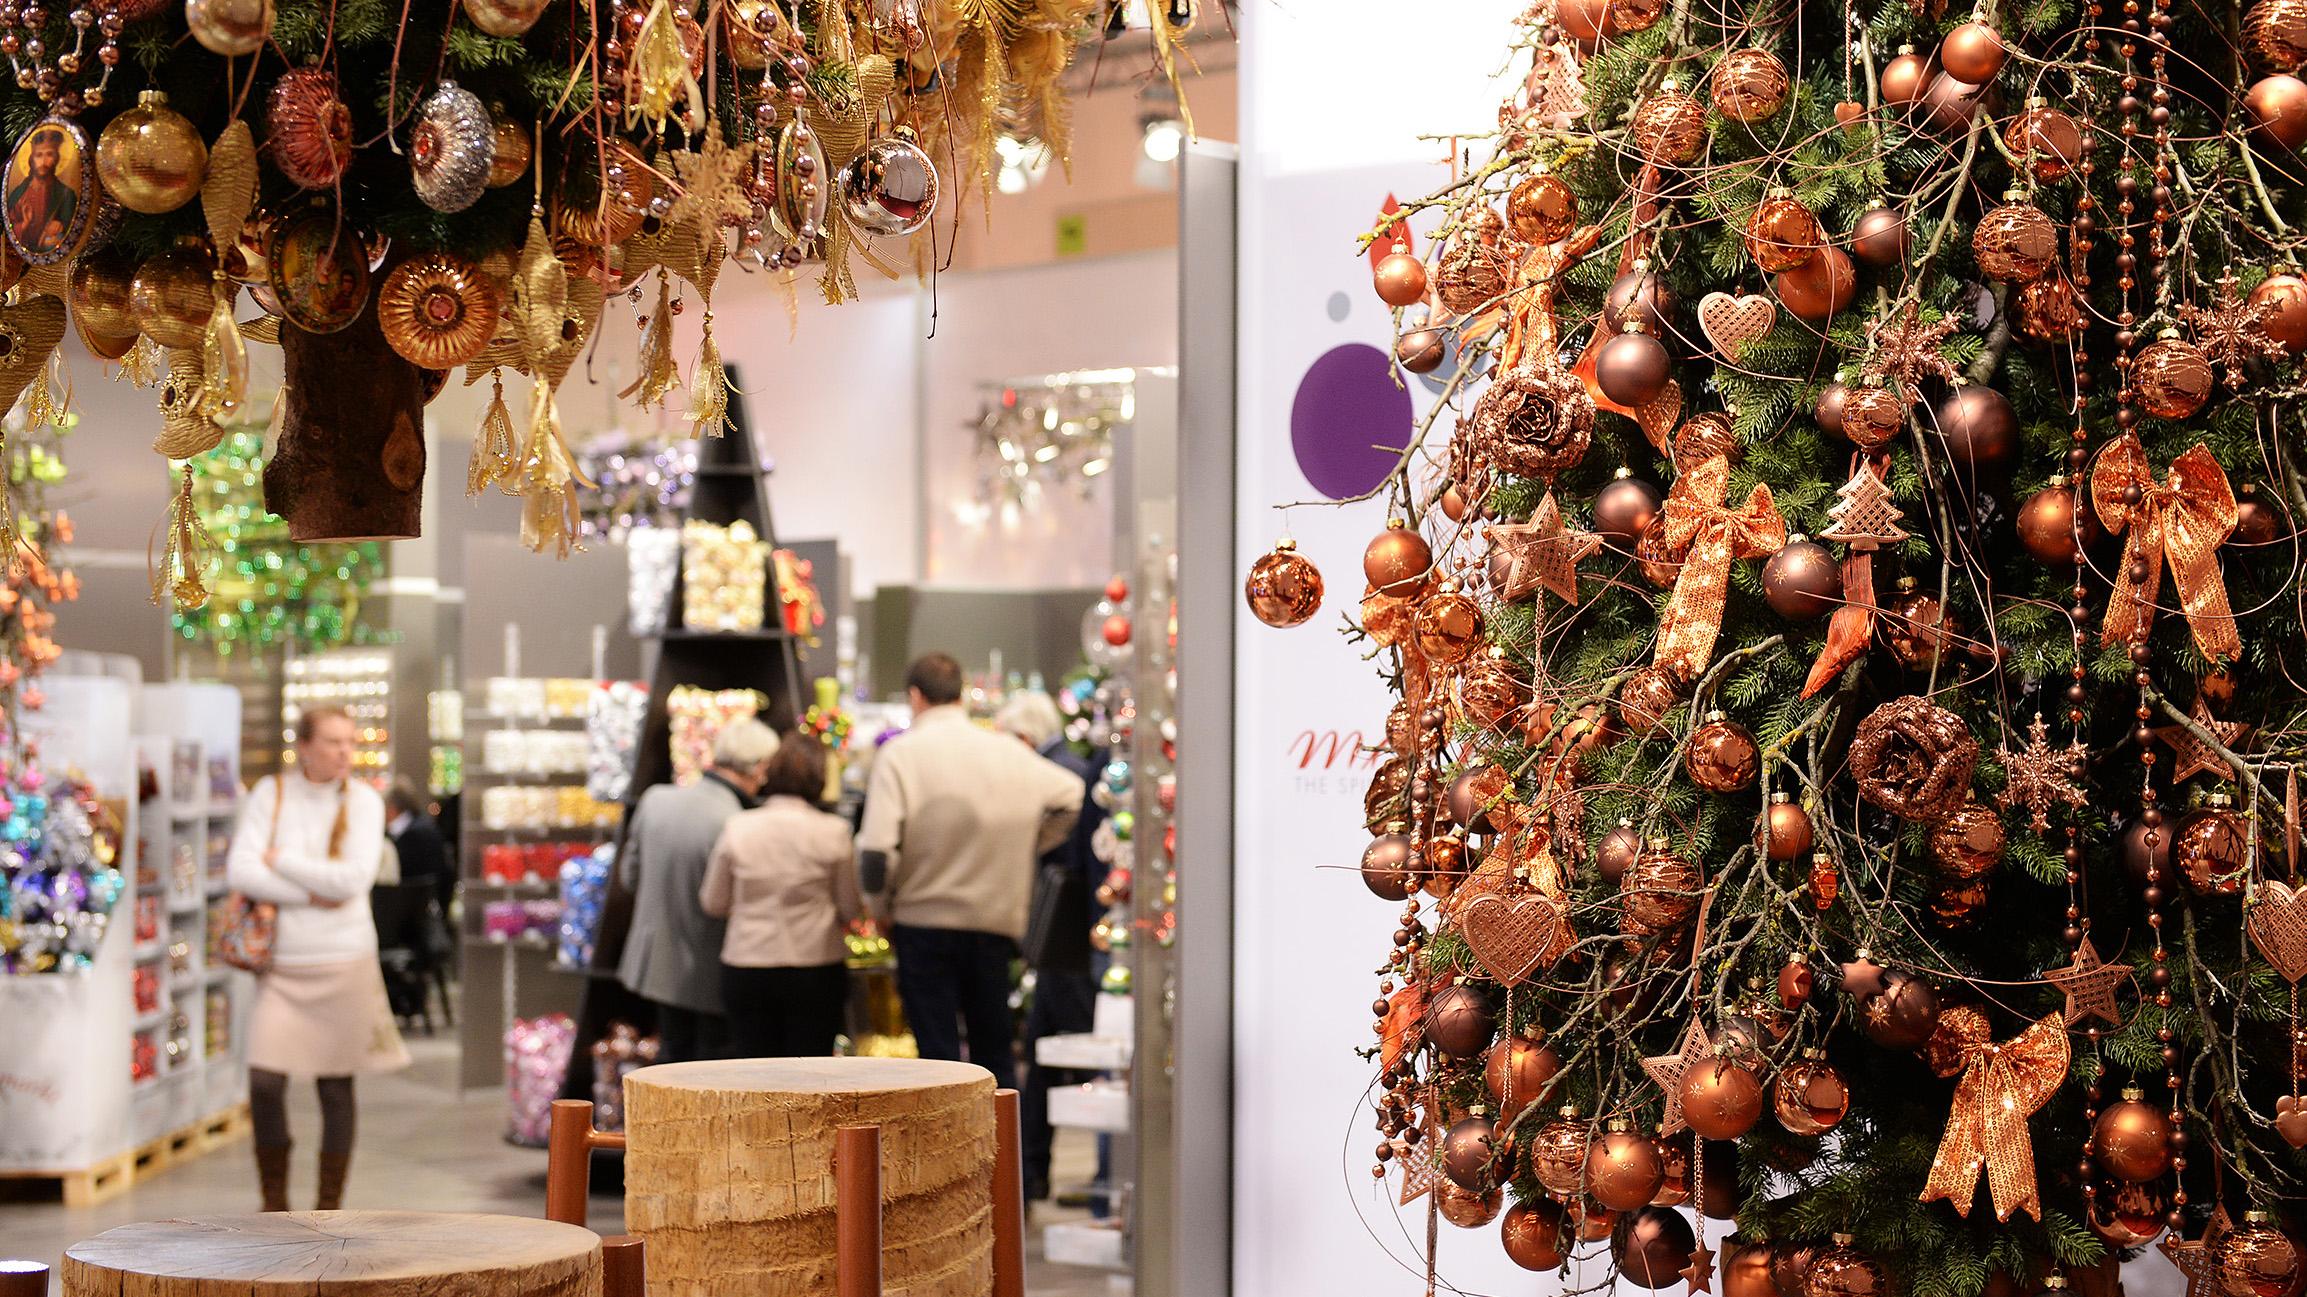 Christmasworld: Internationale Leitmesse für saisonale Dekoration ...